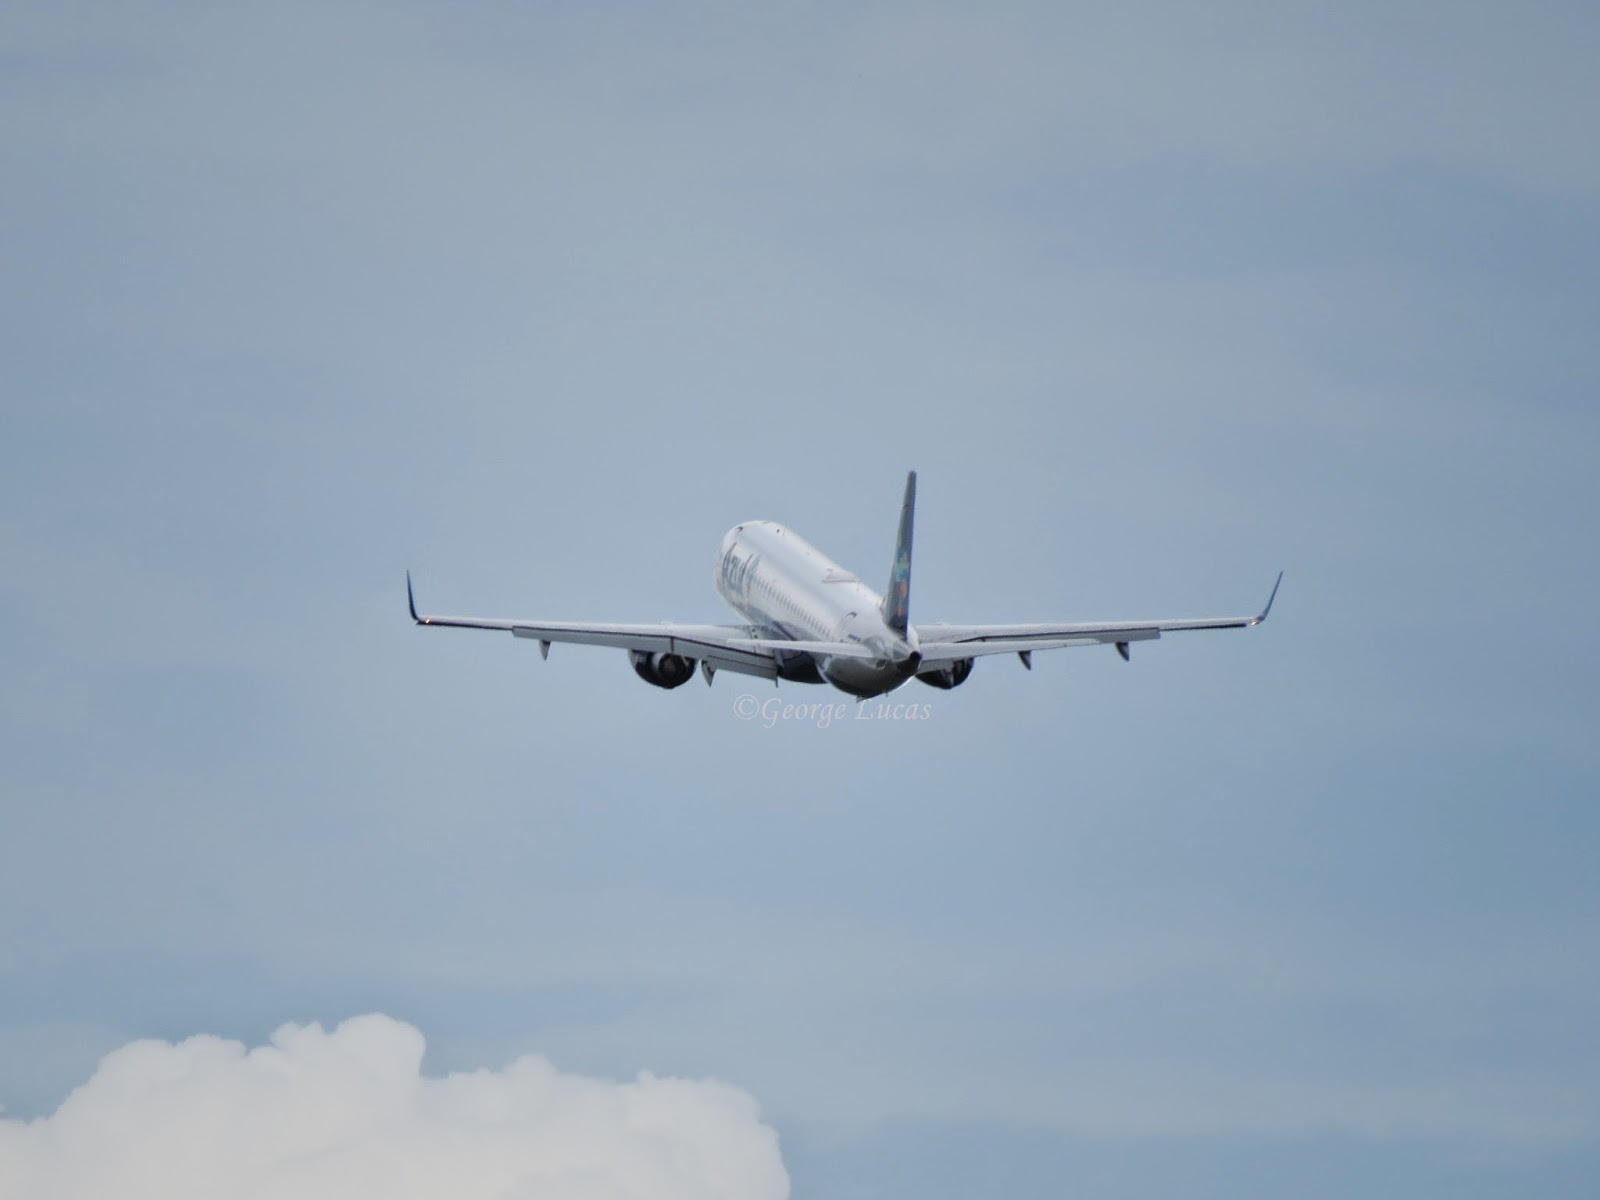 Empresa aérea indenizará passageiro que ficou preso em avião por mais de 10 horas